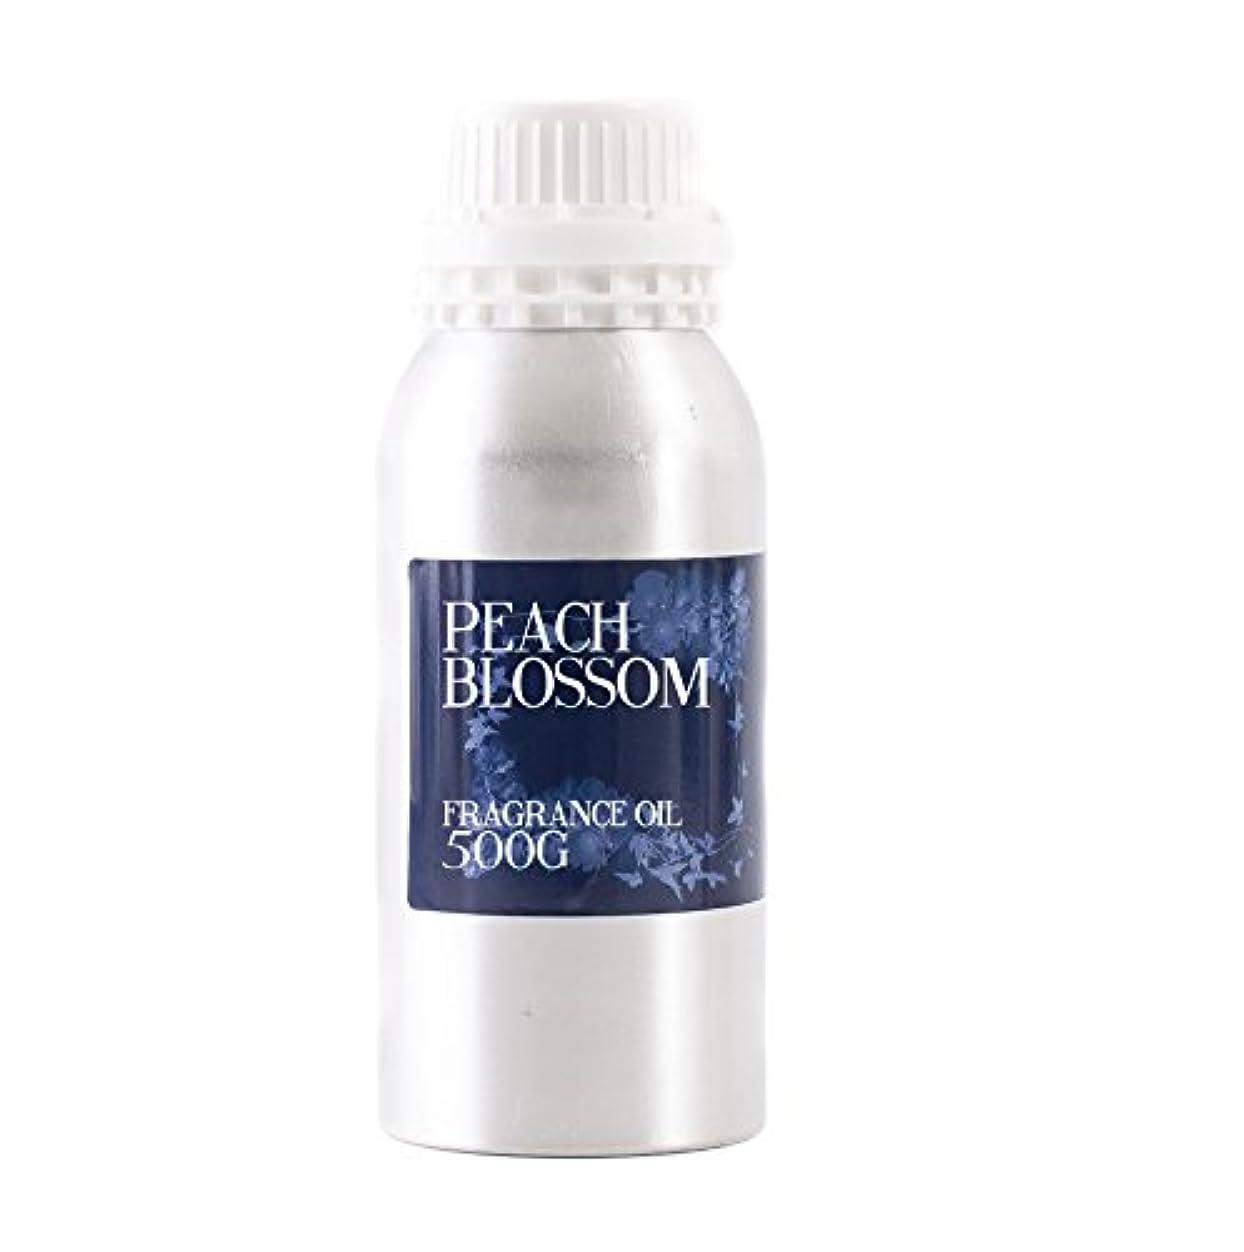 収縮コメントマトンMystic Moments | Peach Blossom Fragrance Oil - 500g